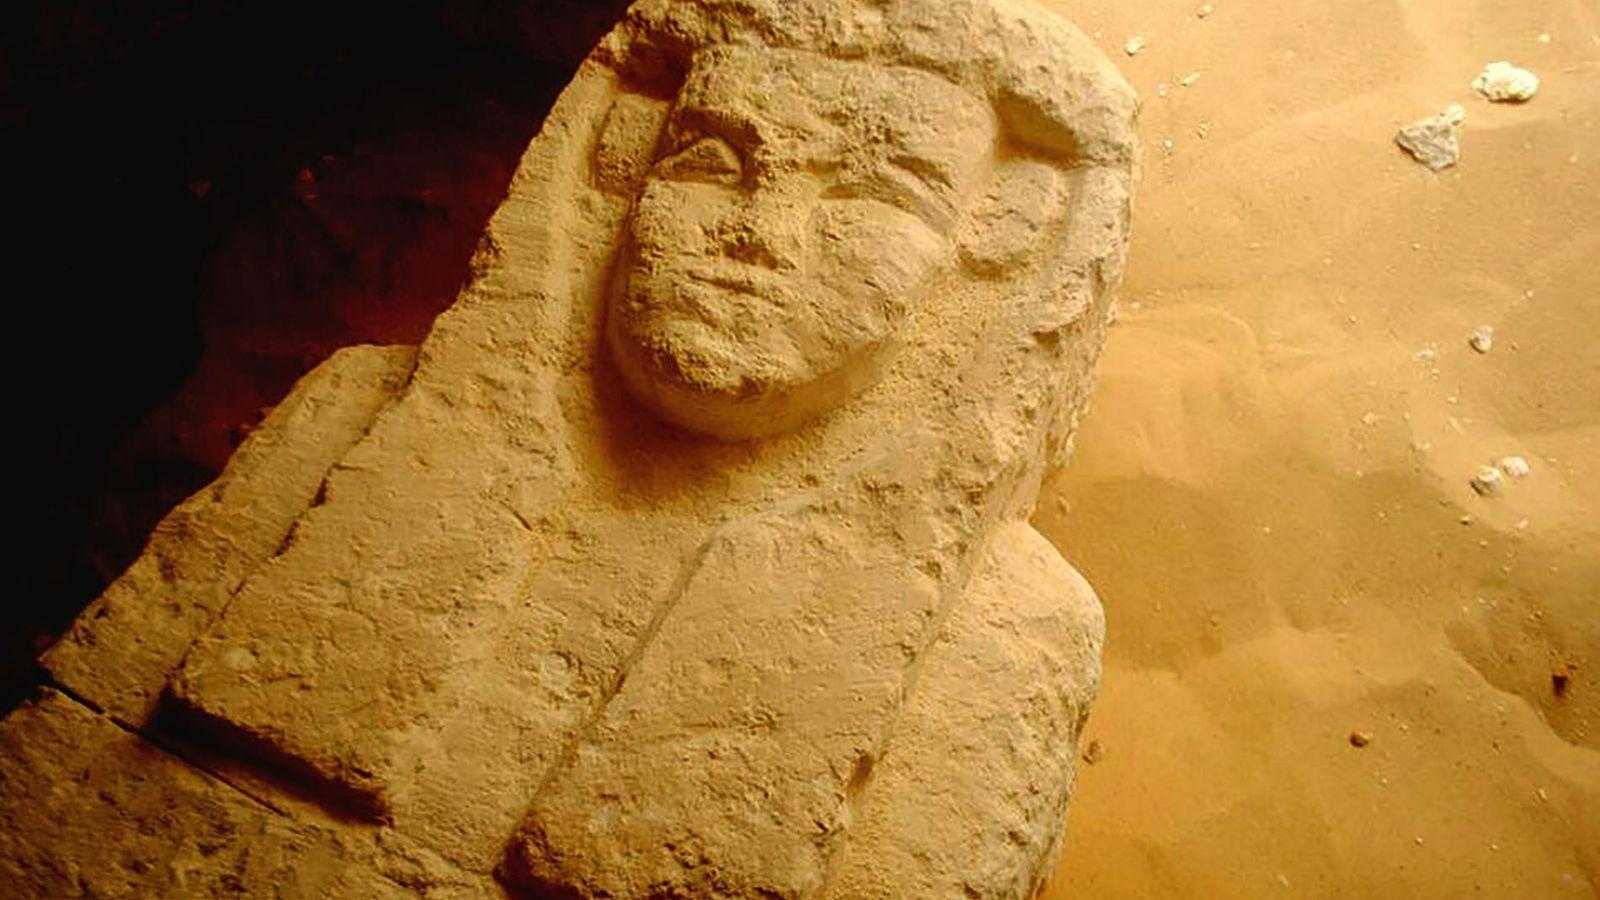 Ce sarcophage a été découvert dans un tombeau ptolémaïque dans la région de al-Kamin al-Sahraw, dans ...